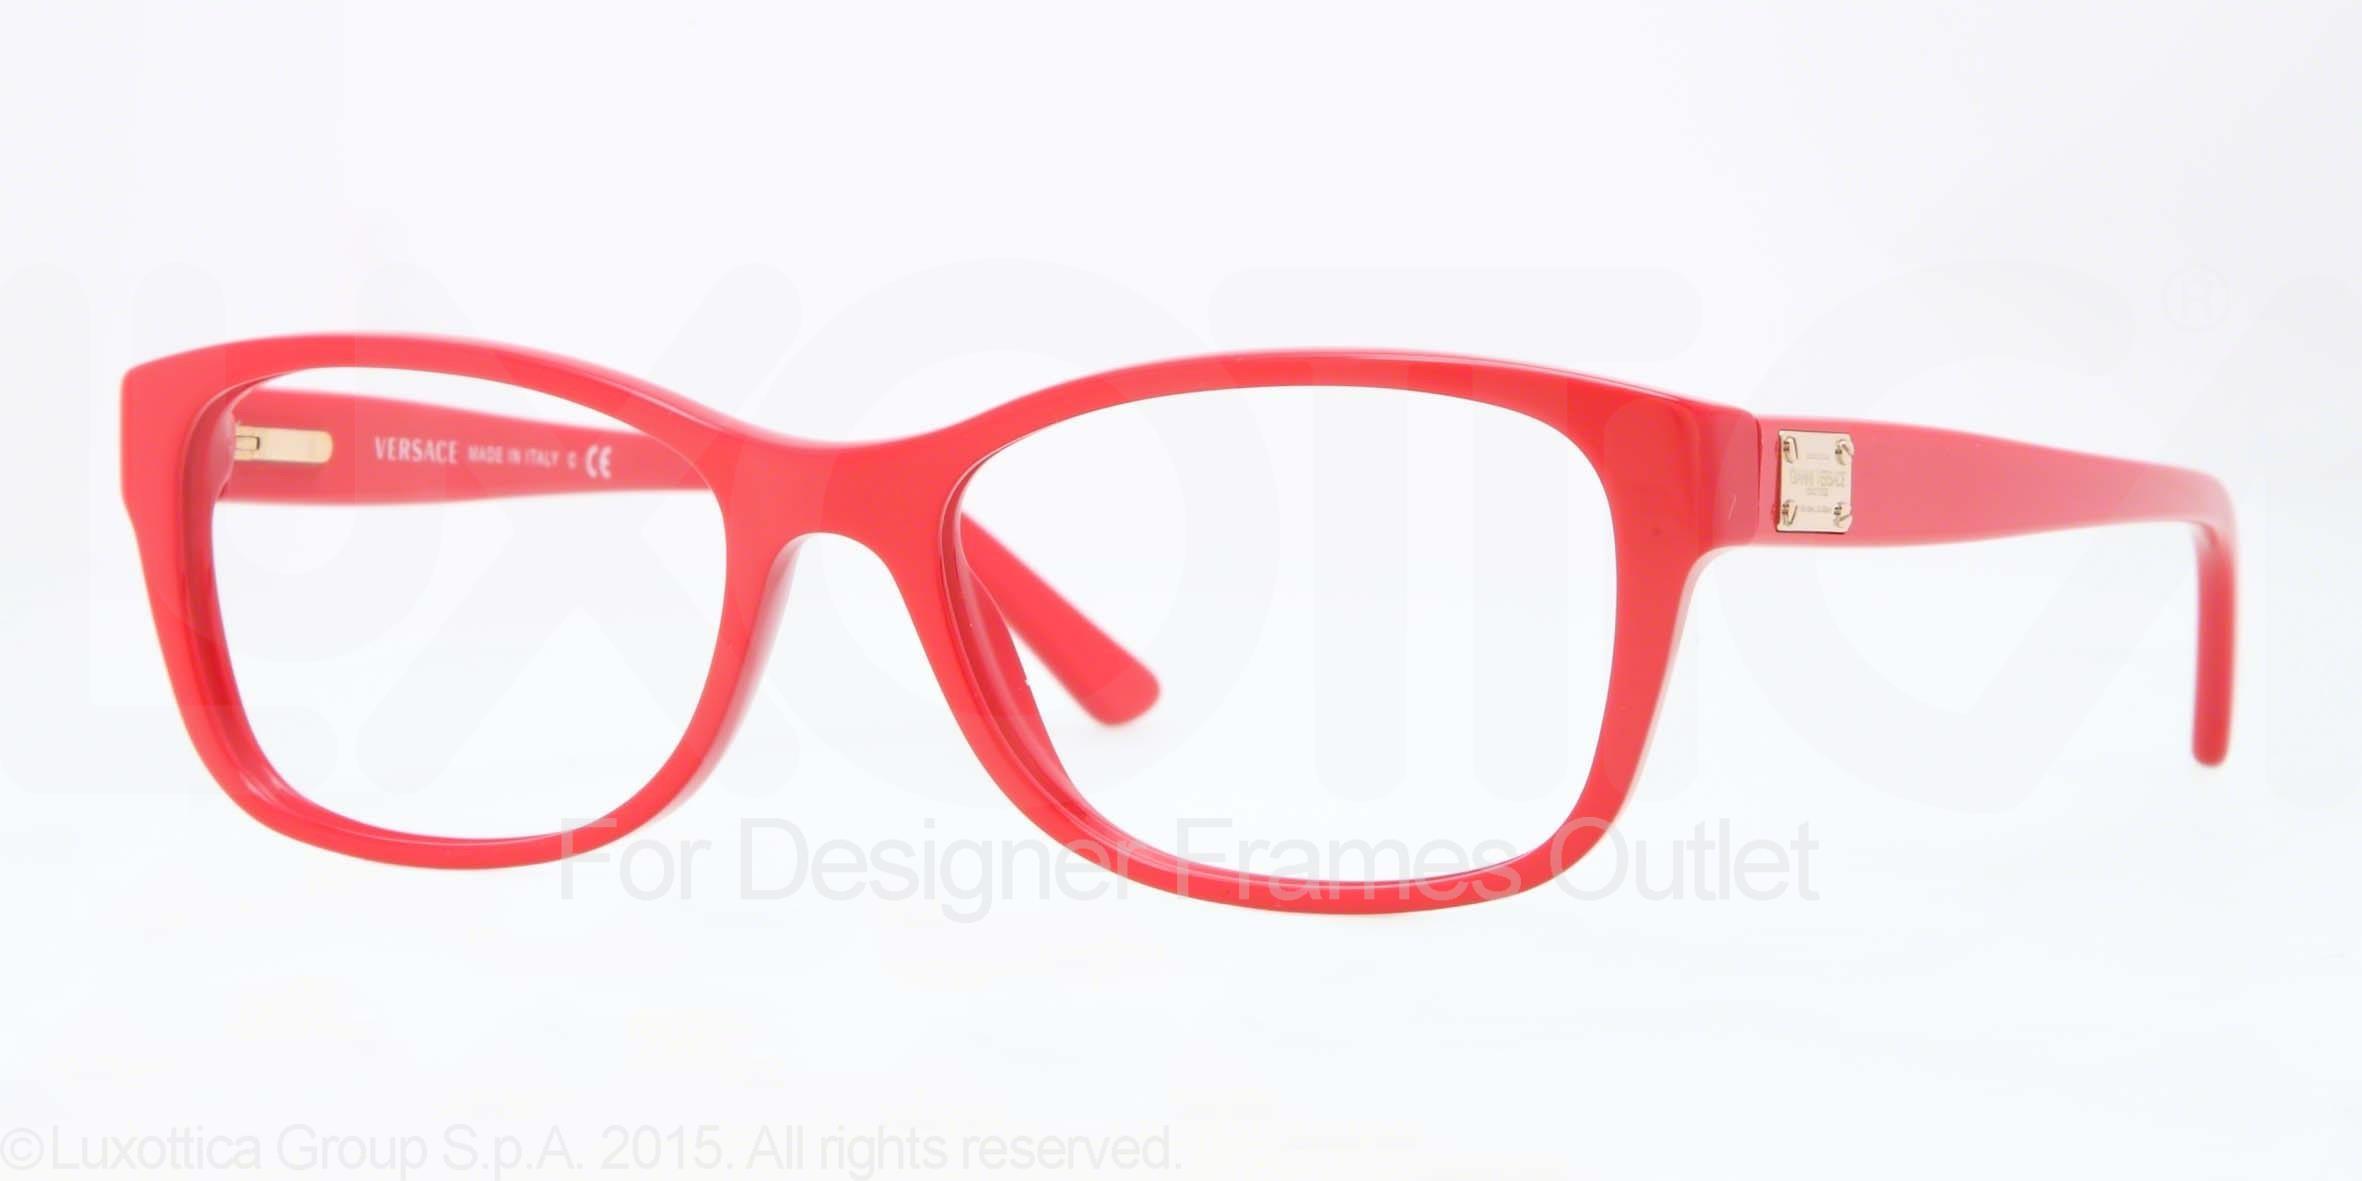 4224d15466b Versace Red Eyeglass Frames - Bitterroot Public Library